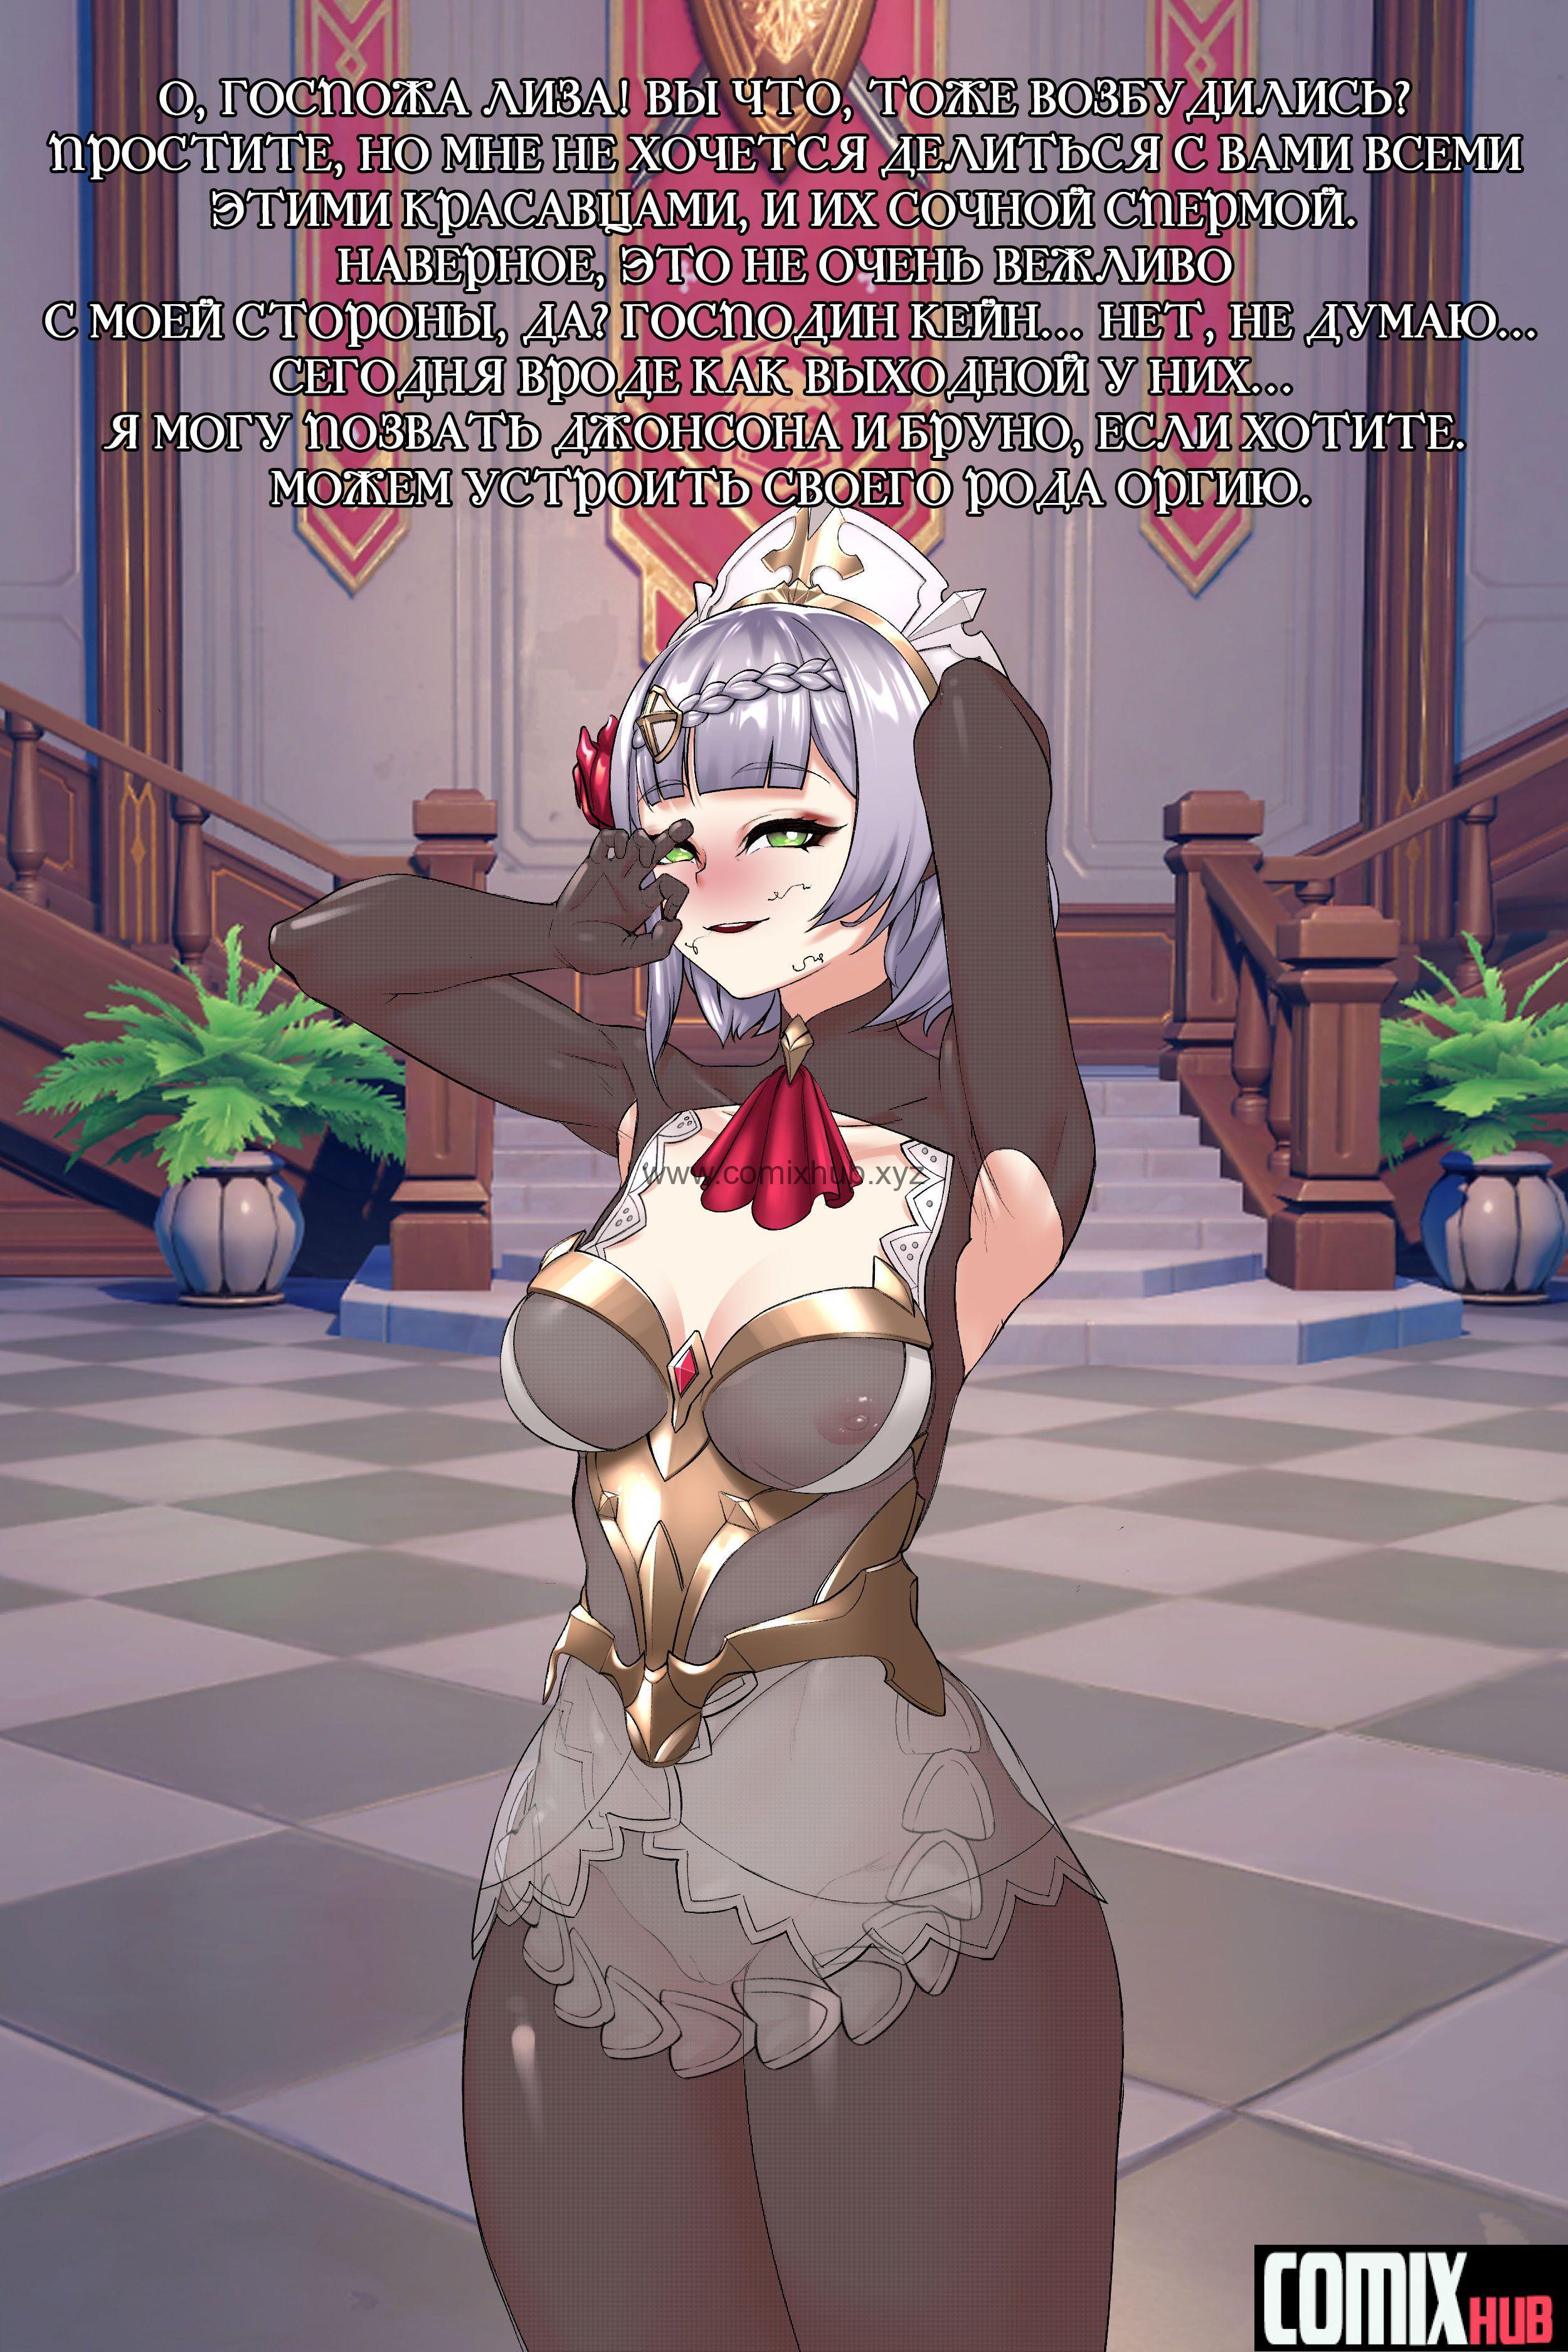 Порно комиксы - Ноэлль и библиотека, Genshin Impact Без цензуры, Большие члены, Групповой секс, Двойное проникновение, Насилие, По играм, Порно комиксы, Хентай манга, манхва